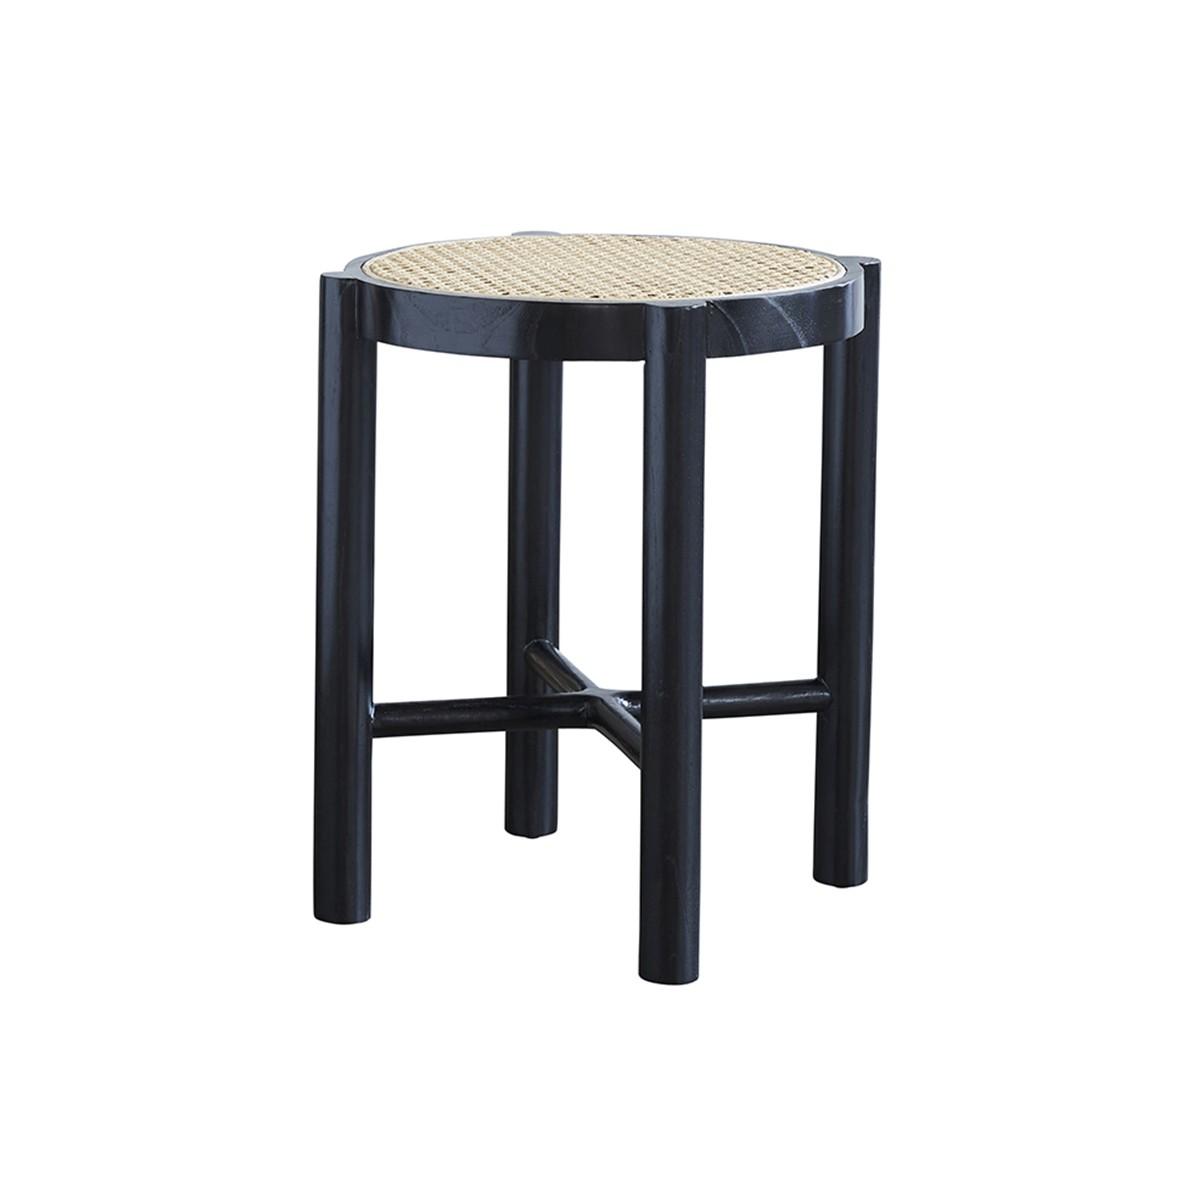 Table de chevet en bois d'acajou et cannage noir